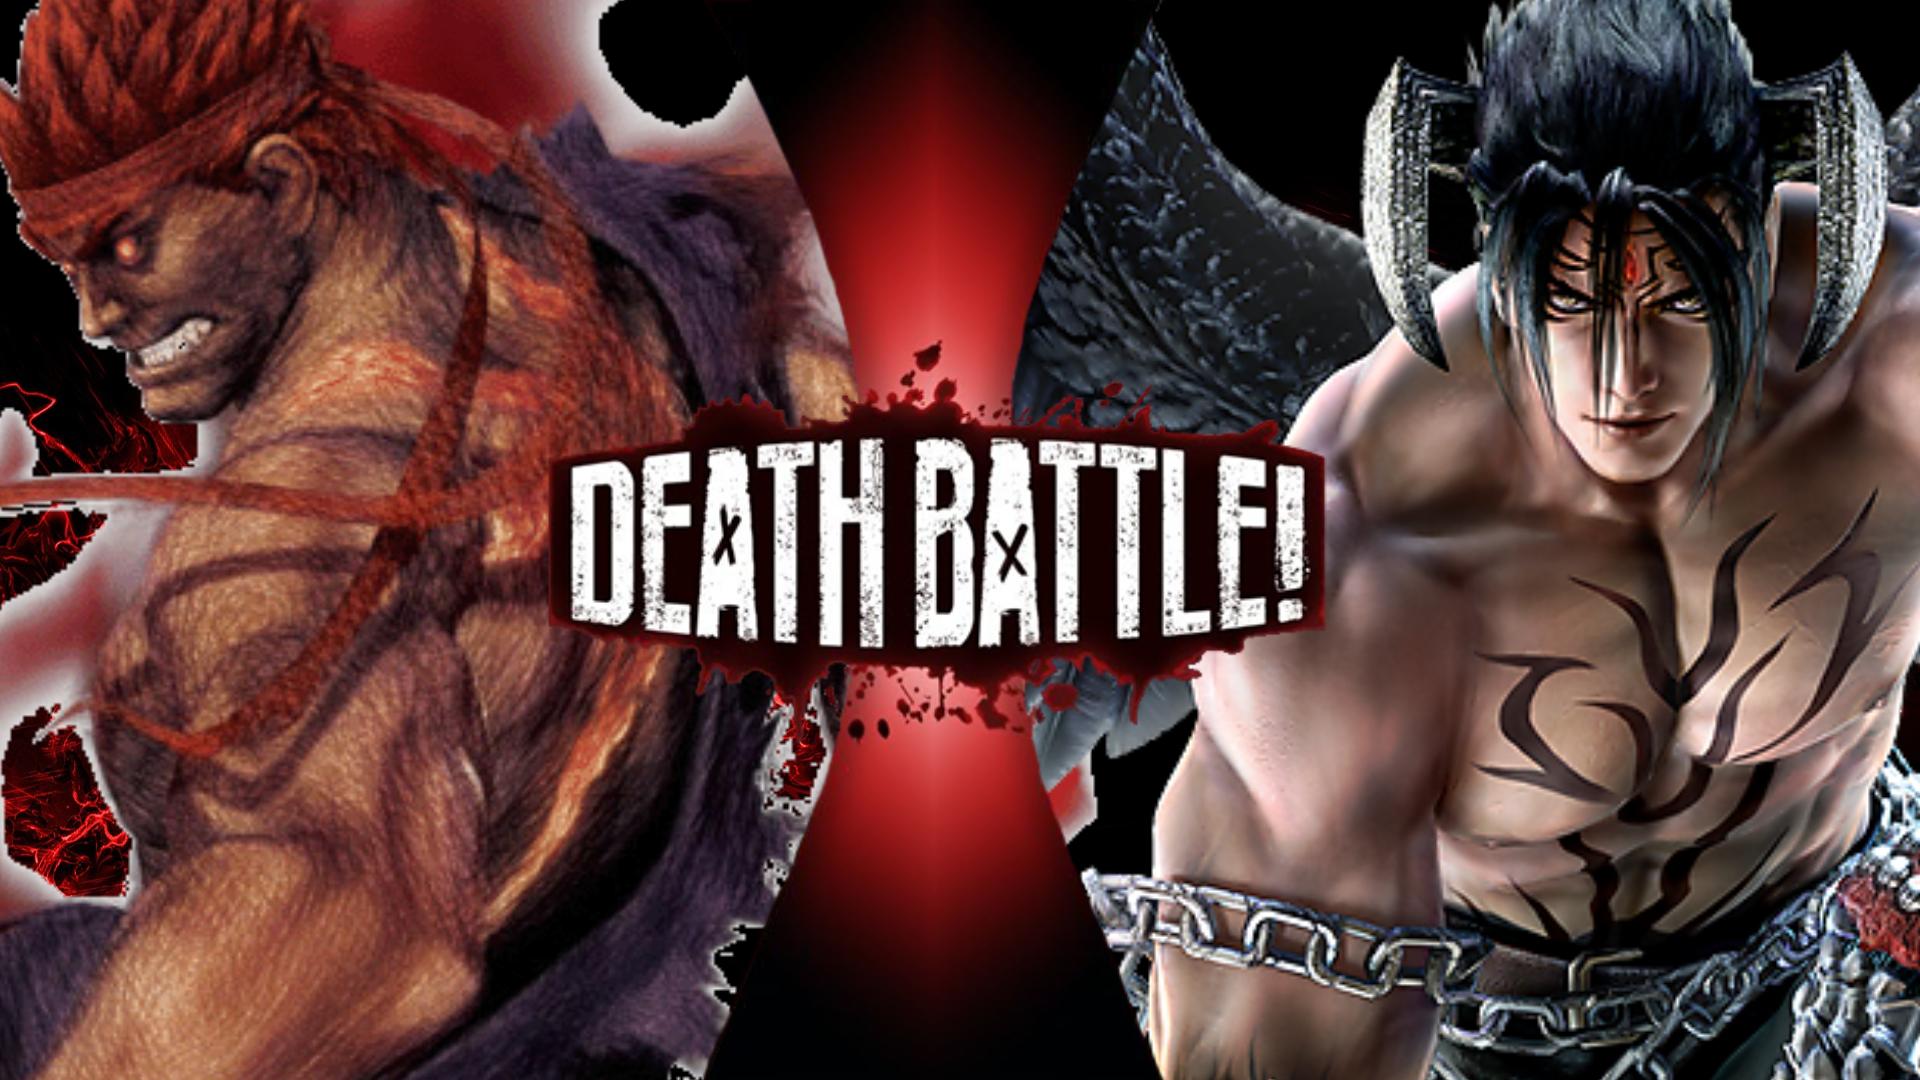 imagen evil ryu vs devil jin png wikia death battle en español